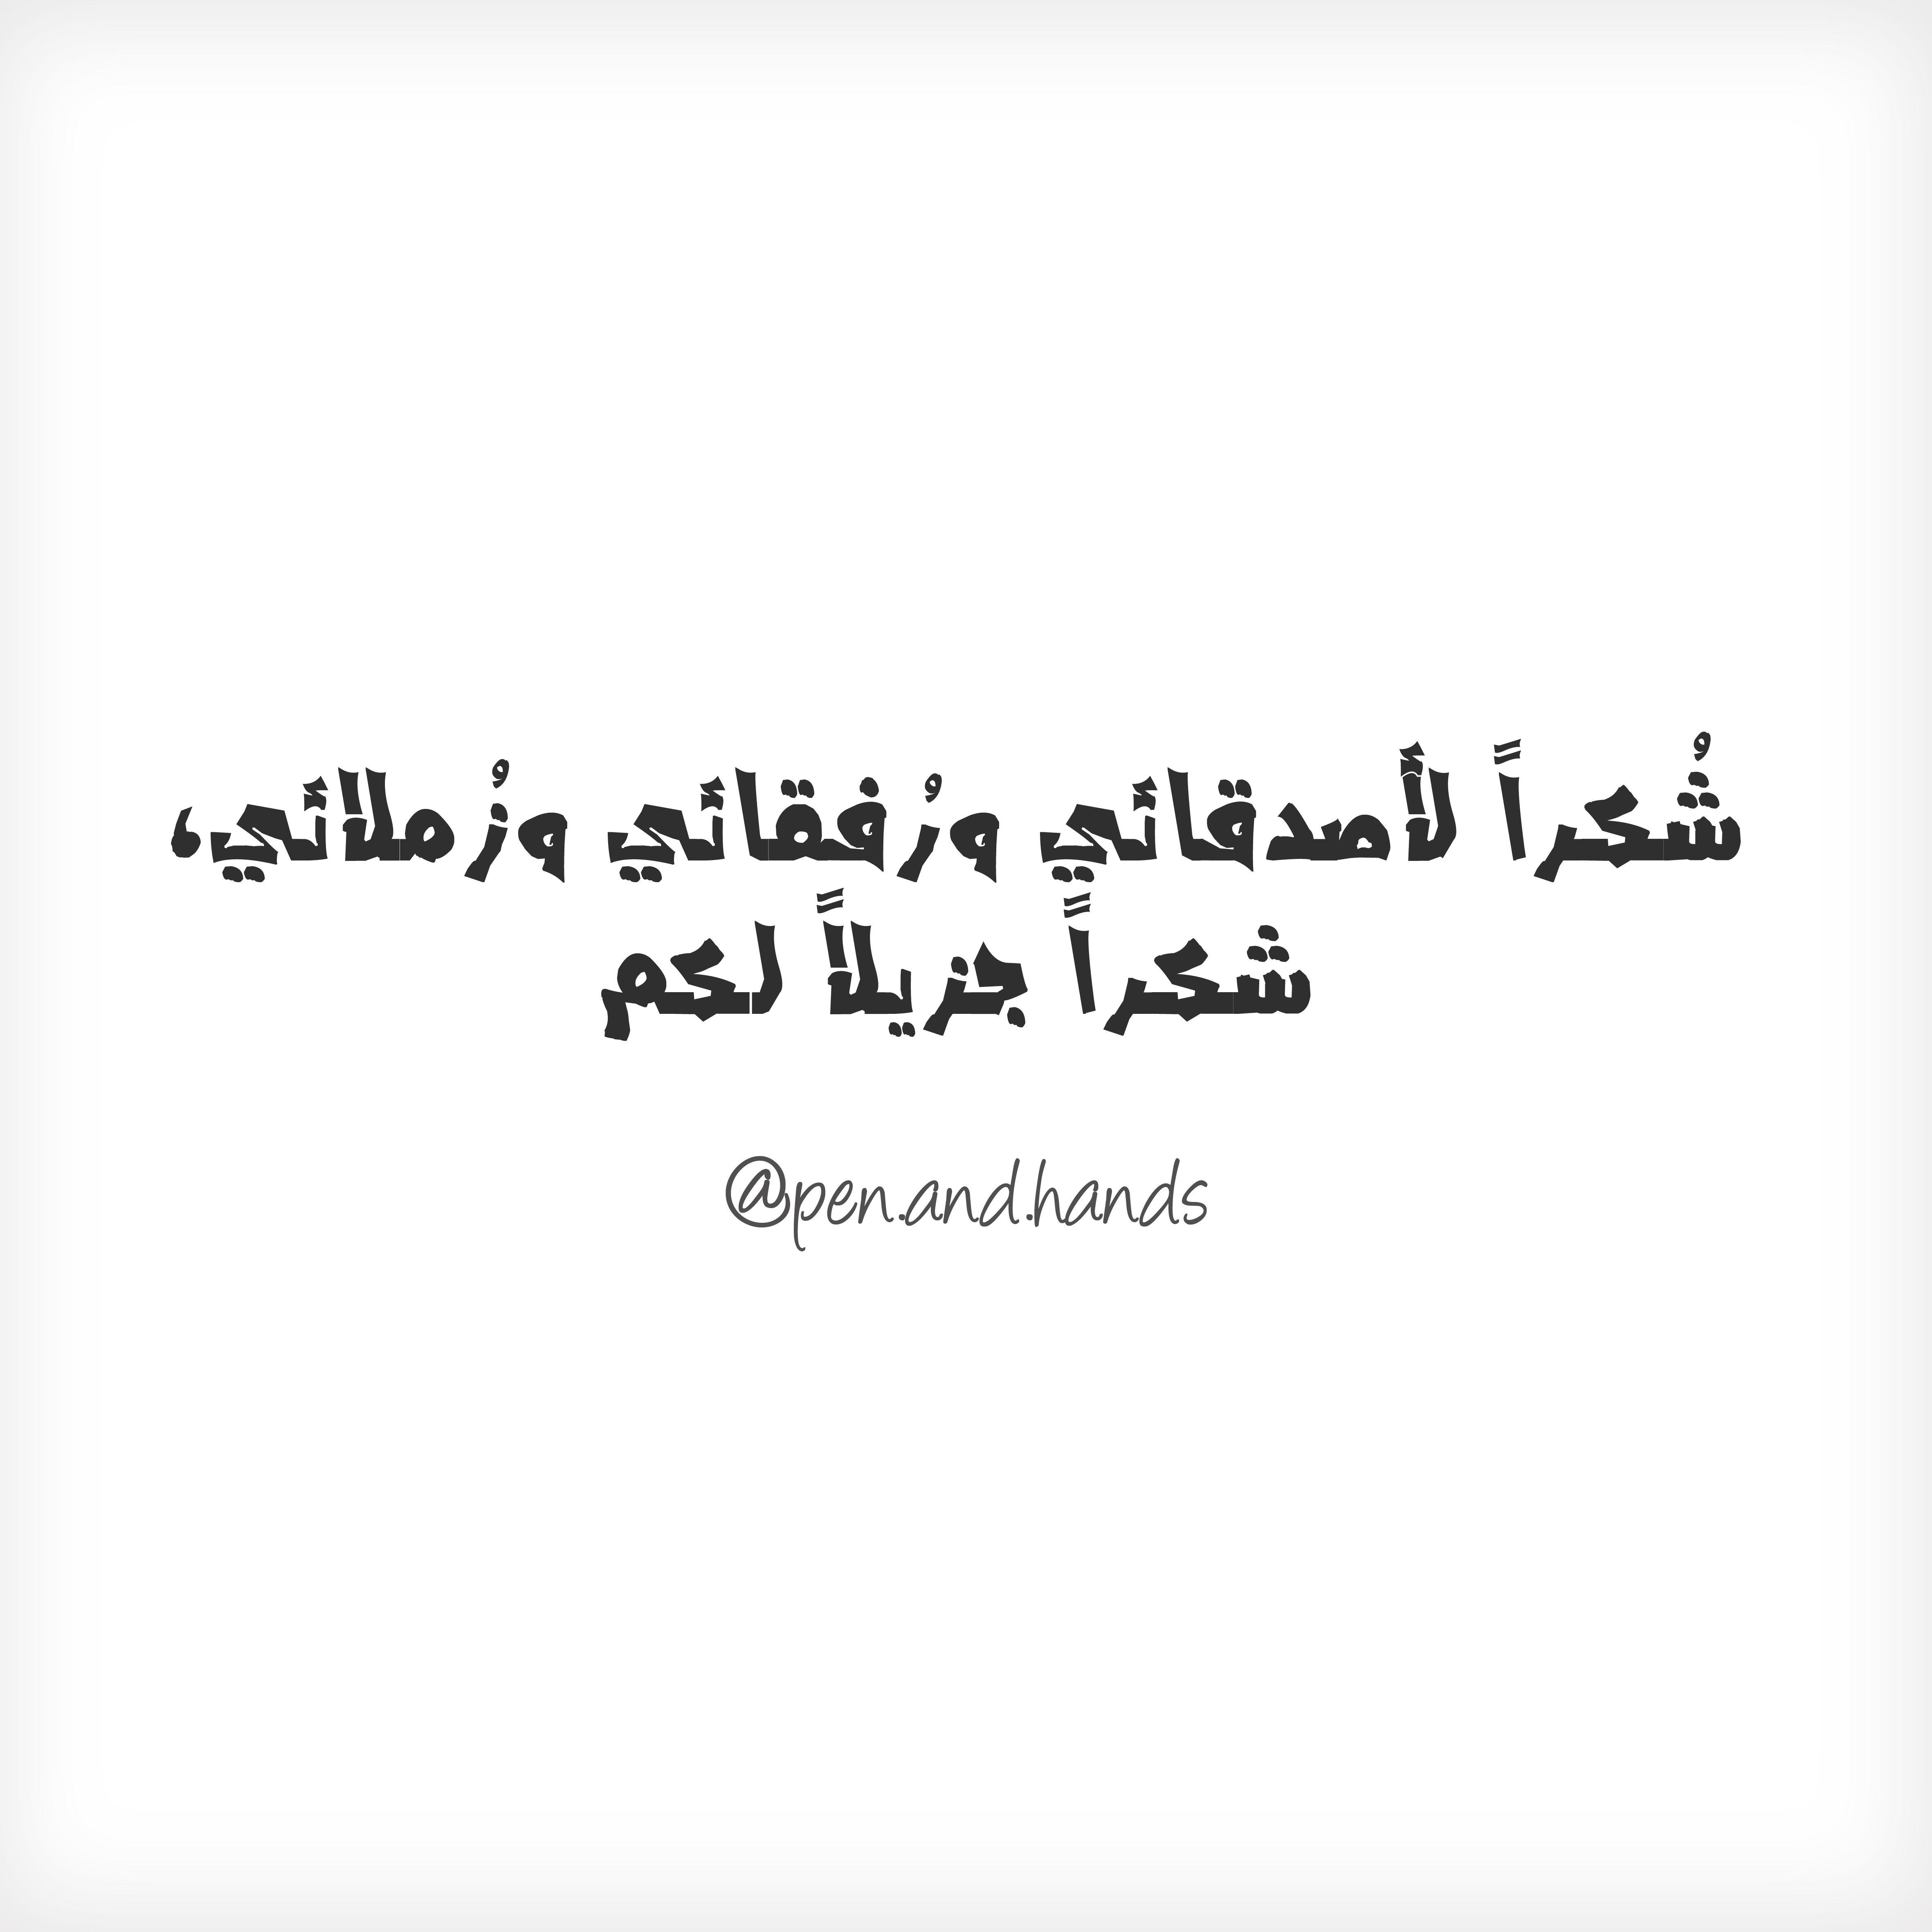 ش كرا لأصدقائي ور فقائي وز ملائي شكرا جزيلا لكم عليي A Math Arabic Calligraphy Math Equations